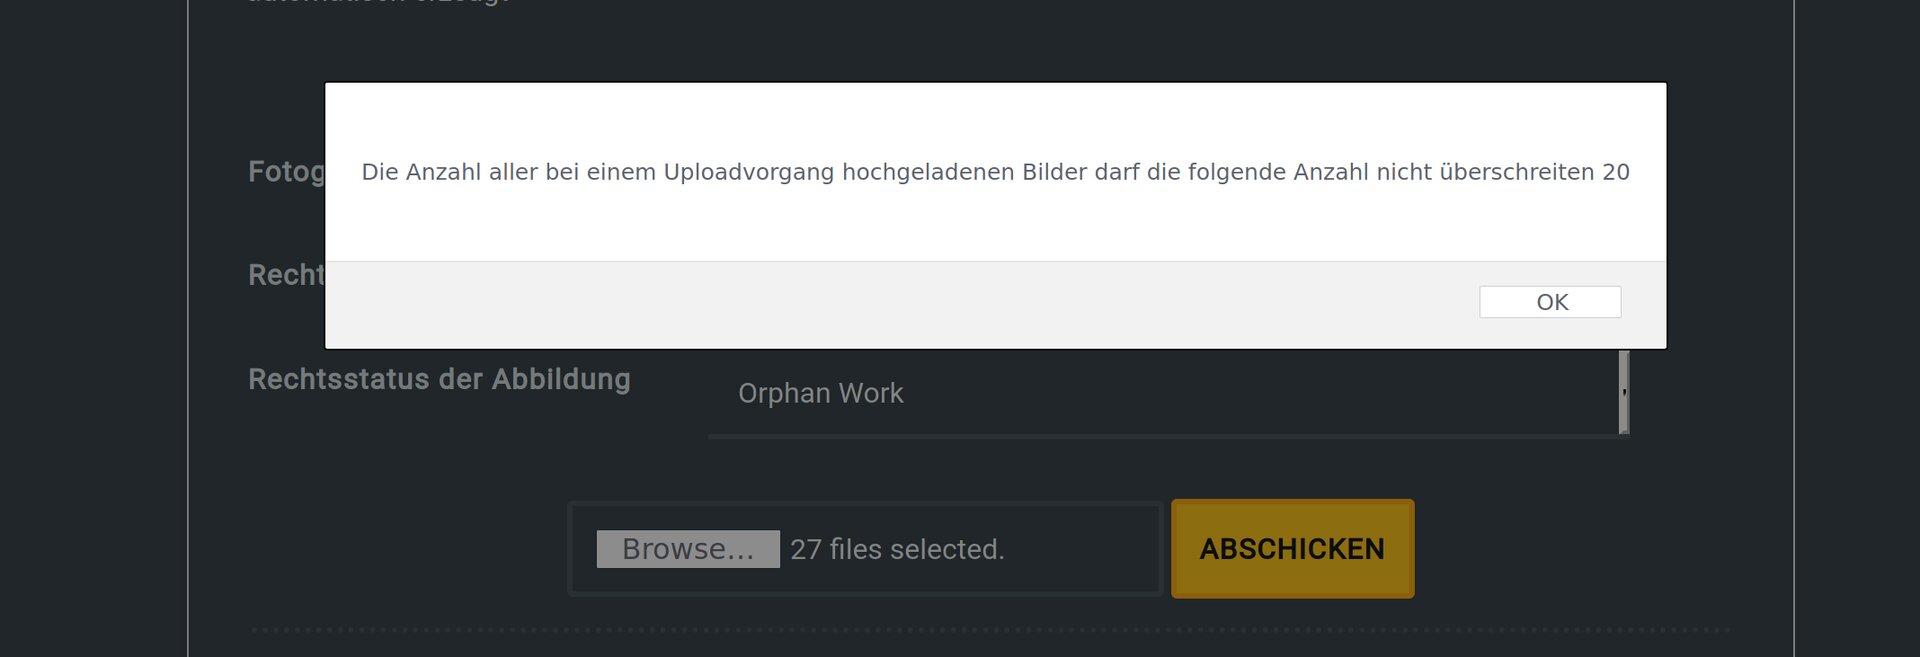 Eine Warnung stoppt den Versuch, zu viele Dateien gleichzeitig hochzuladen